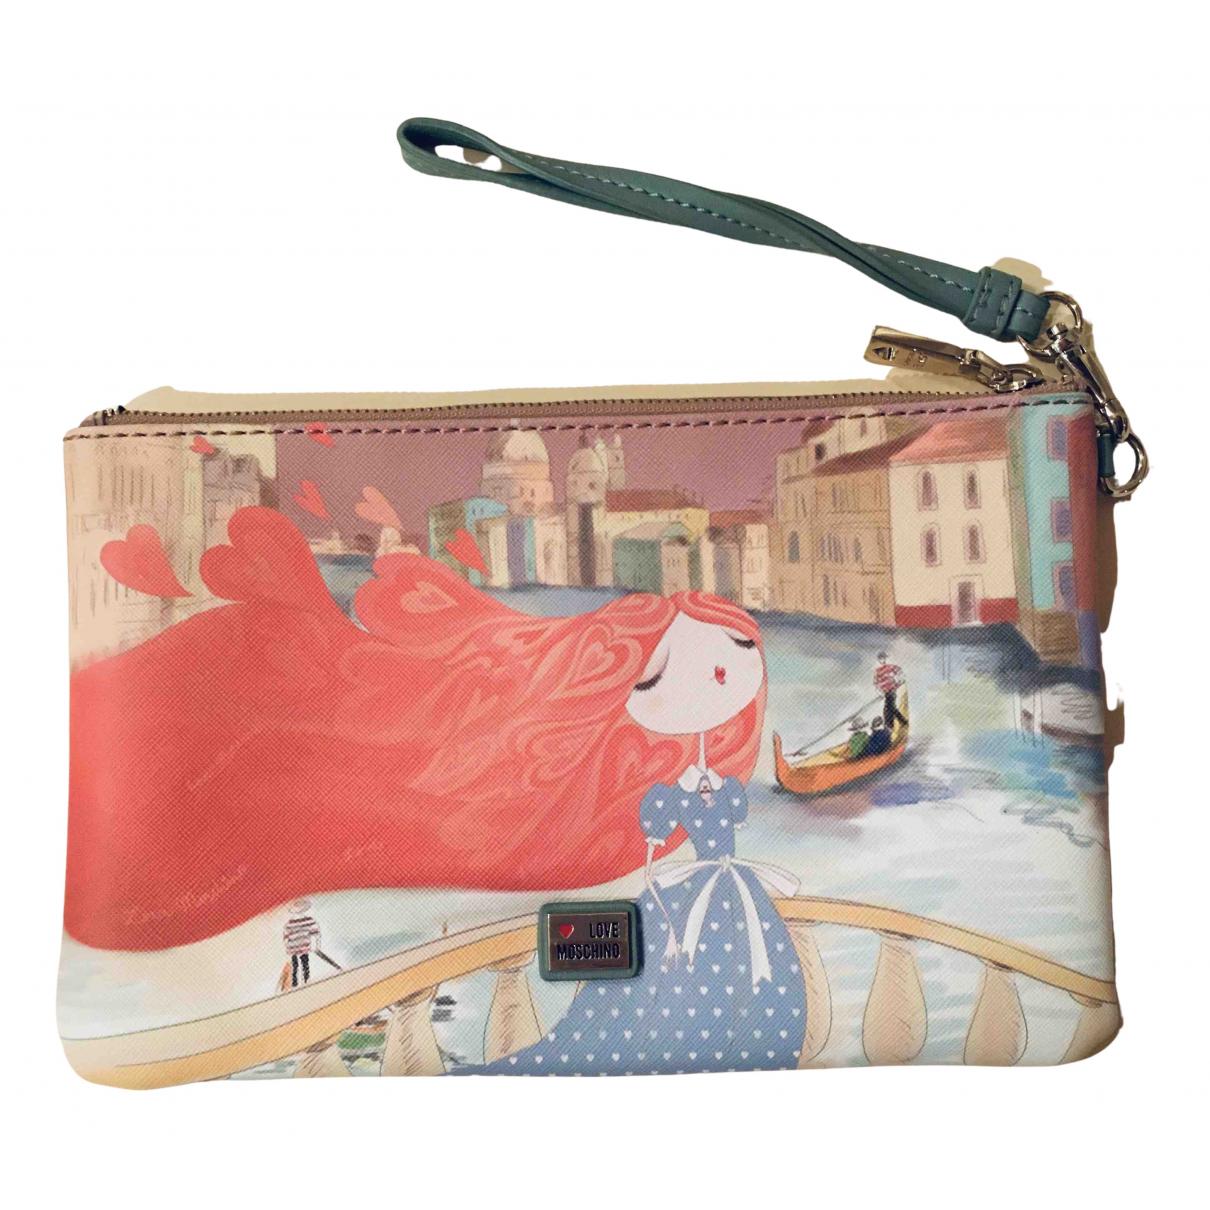 Bolsos clutch en Sintetico Multicolor Moschino Love